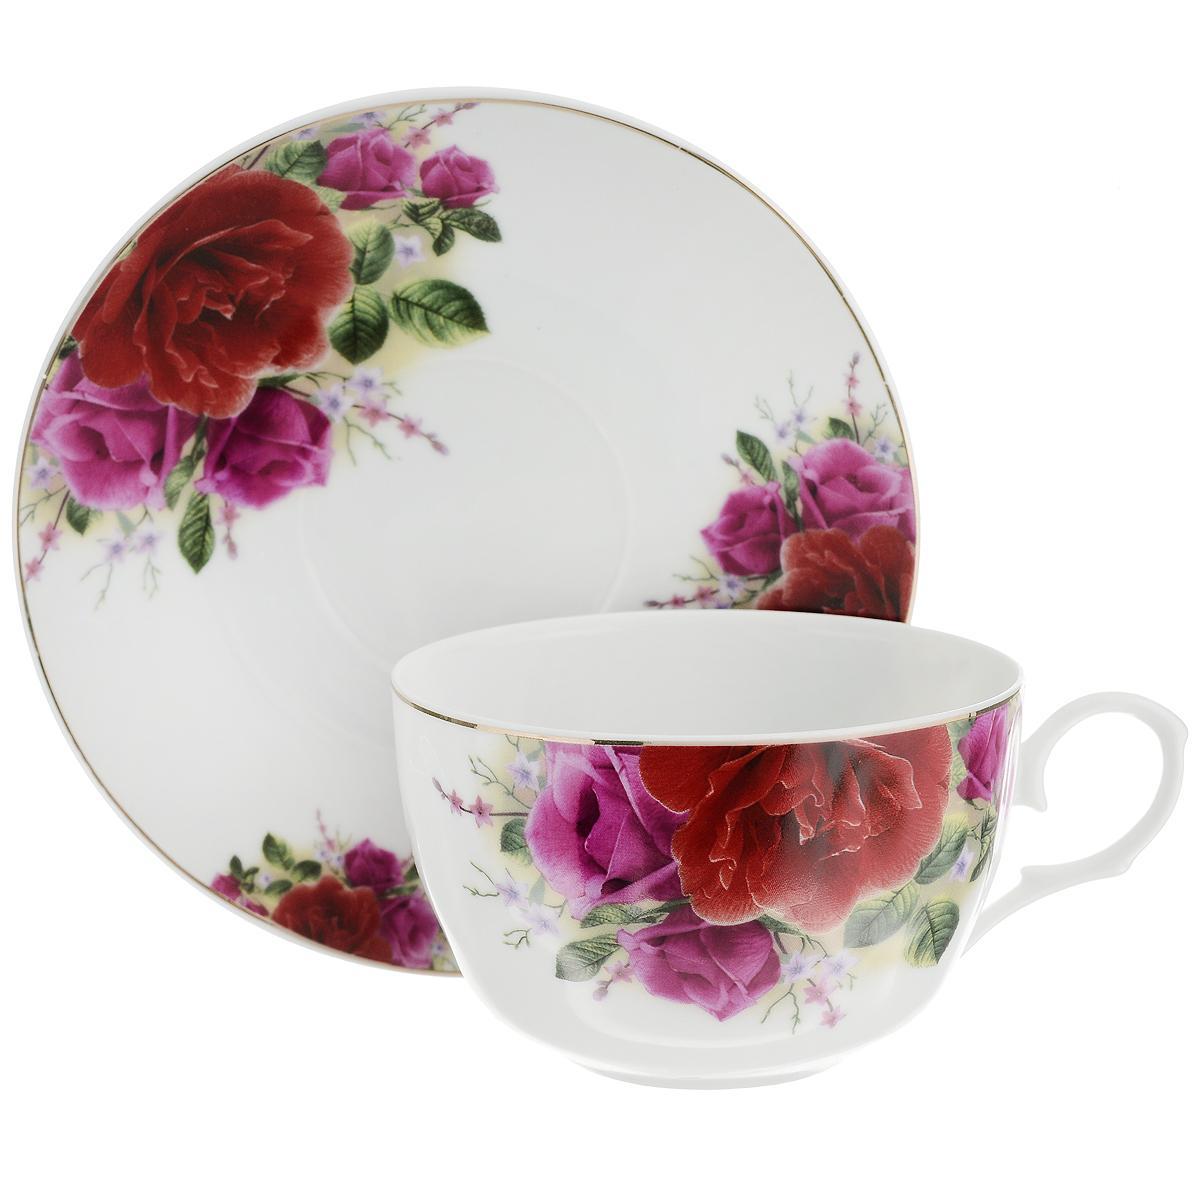 Набор чайный Briswild Роза Патио, 2 предмета523-096Чайный набор Briswild Роза Патио состоит из чашки и блюдца. Изделия выполнены из высококачественного фарфора и оформлены красочным изображением розы. Изящный набор красиво оформит стол к чаепитию и станет приятным подарком к любому случаю. Не использовать в микроволновой печи. Не применять абразивные моющие средства.